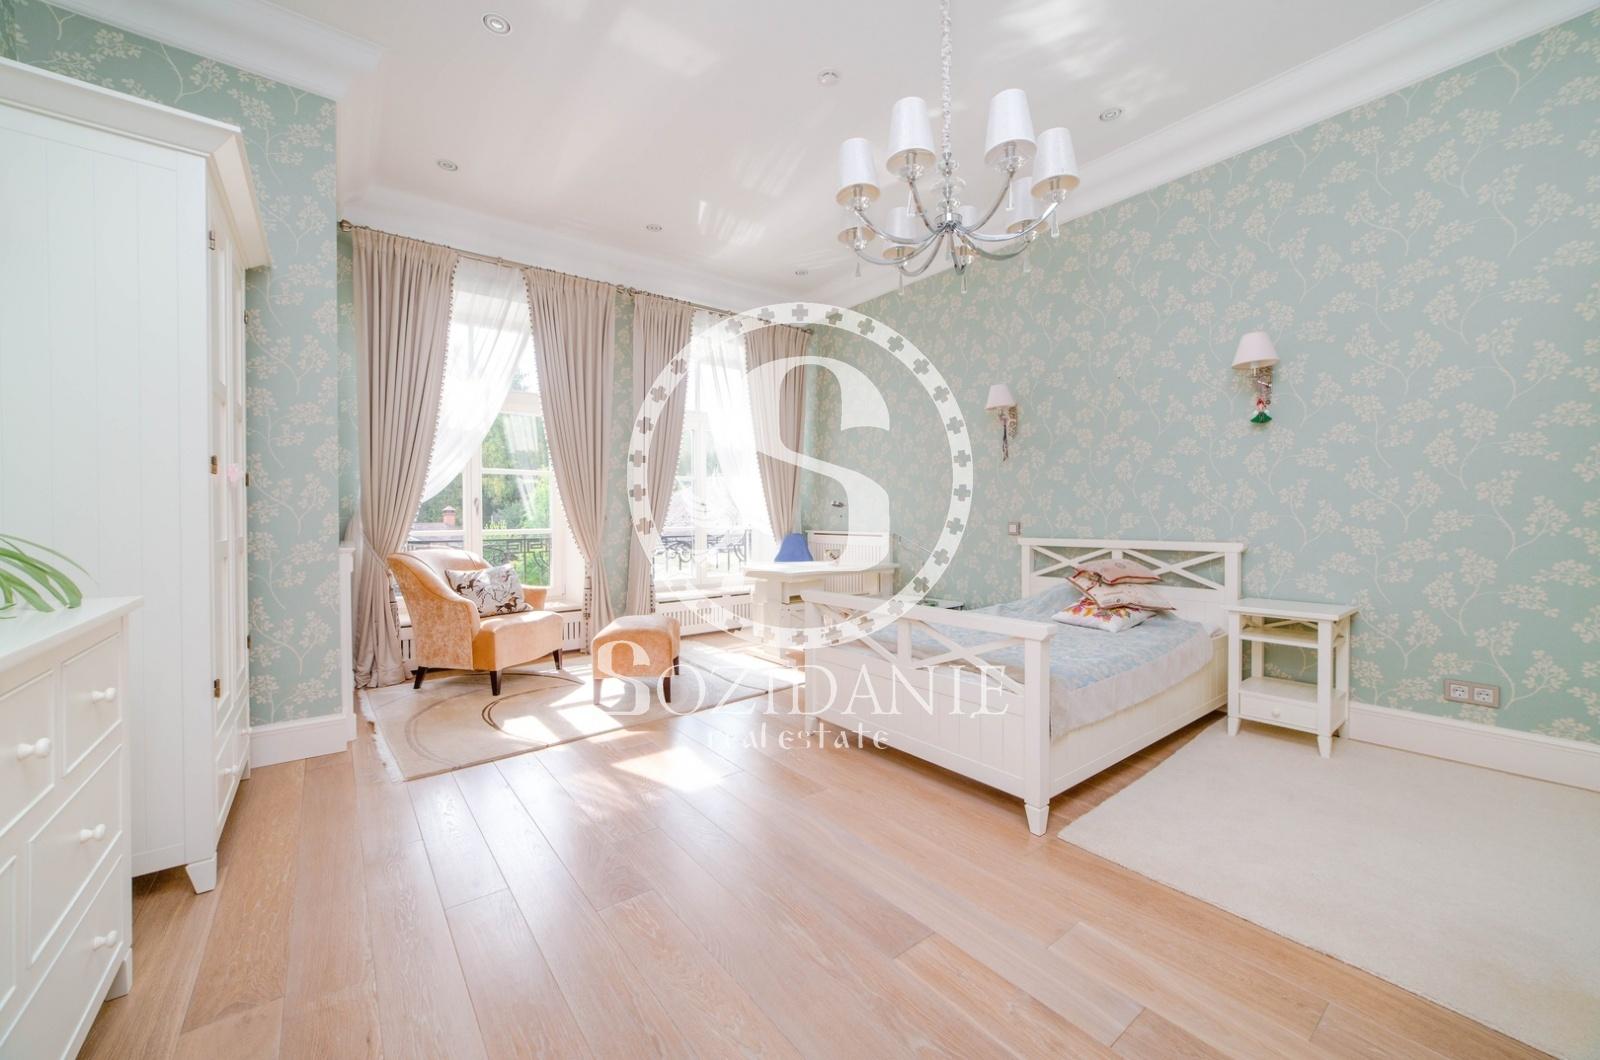 5 Bedrooms, Загородная, Продажа, Listing ID 3360, Московская область, Россия,